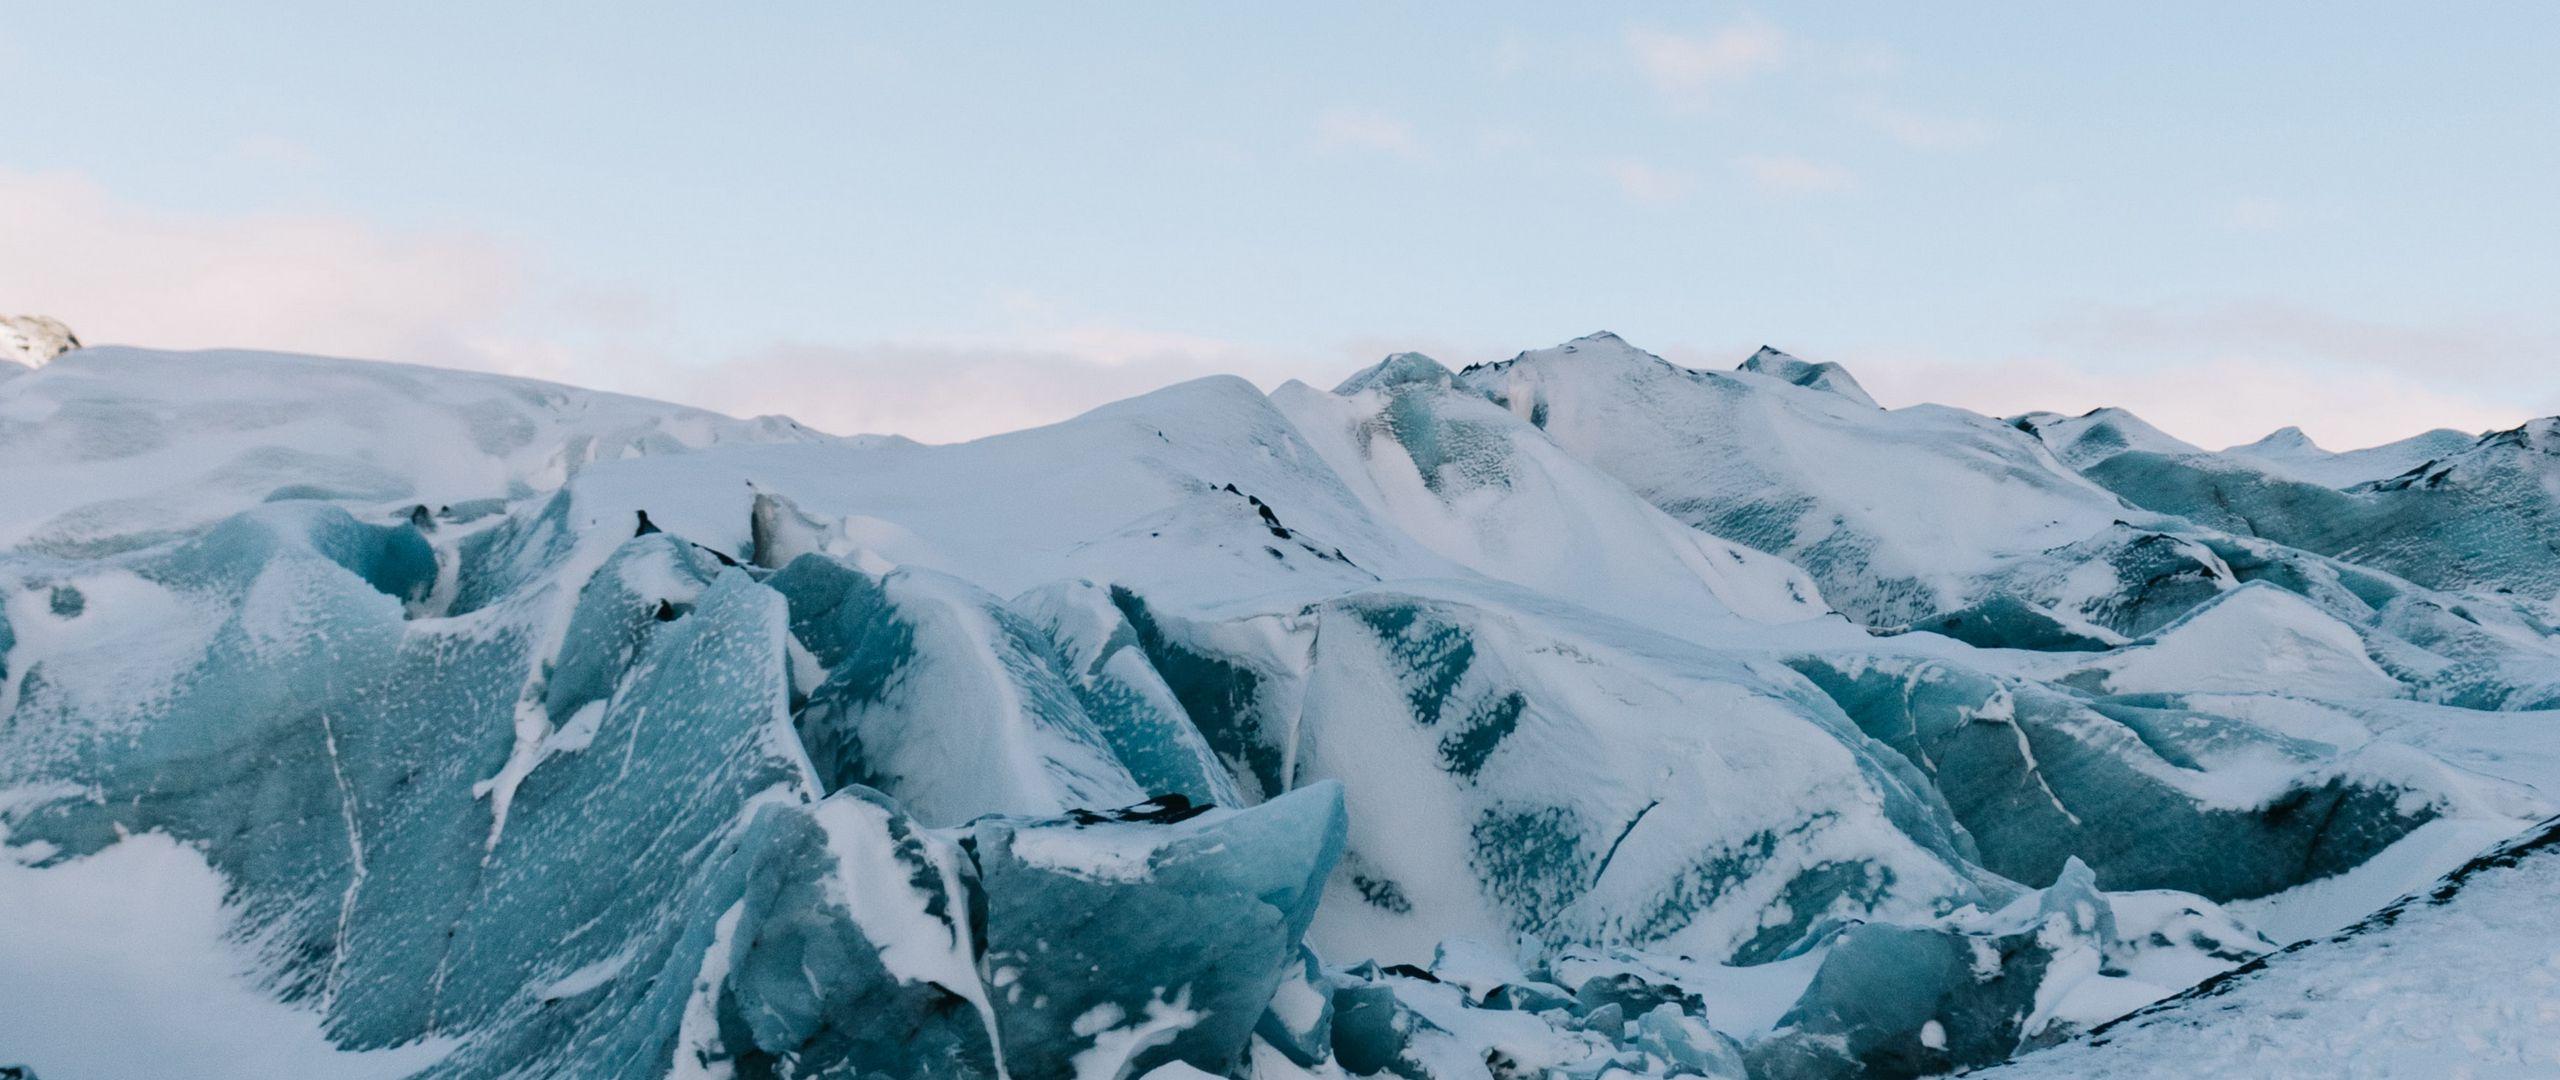 Fondos de pantalla Montañas congeladas